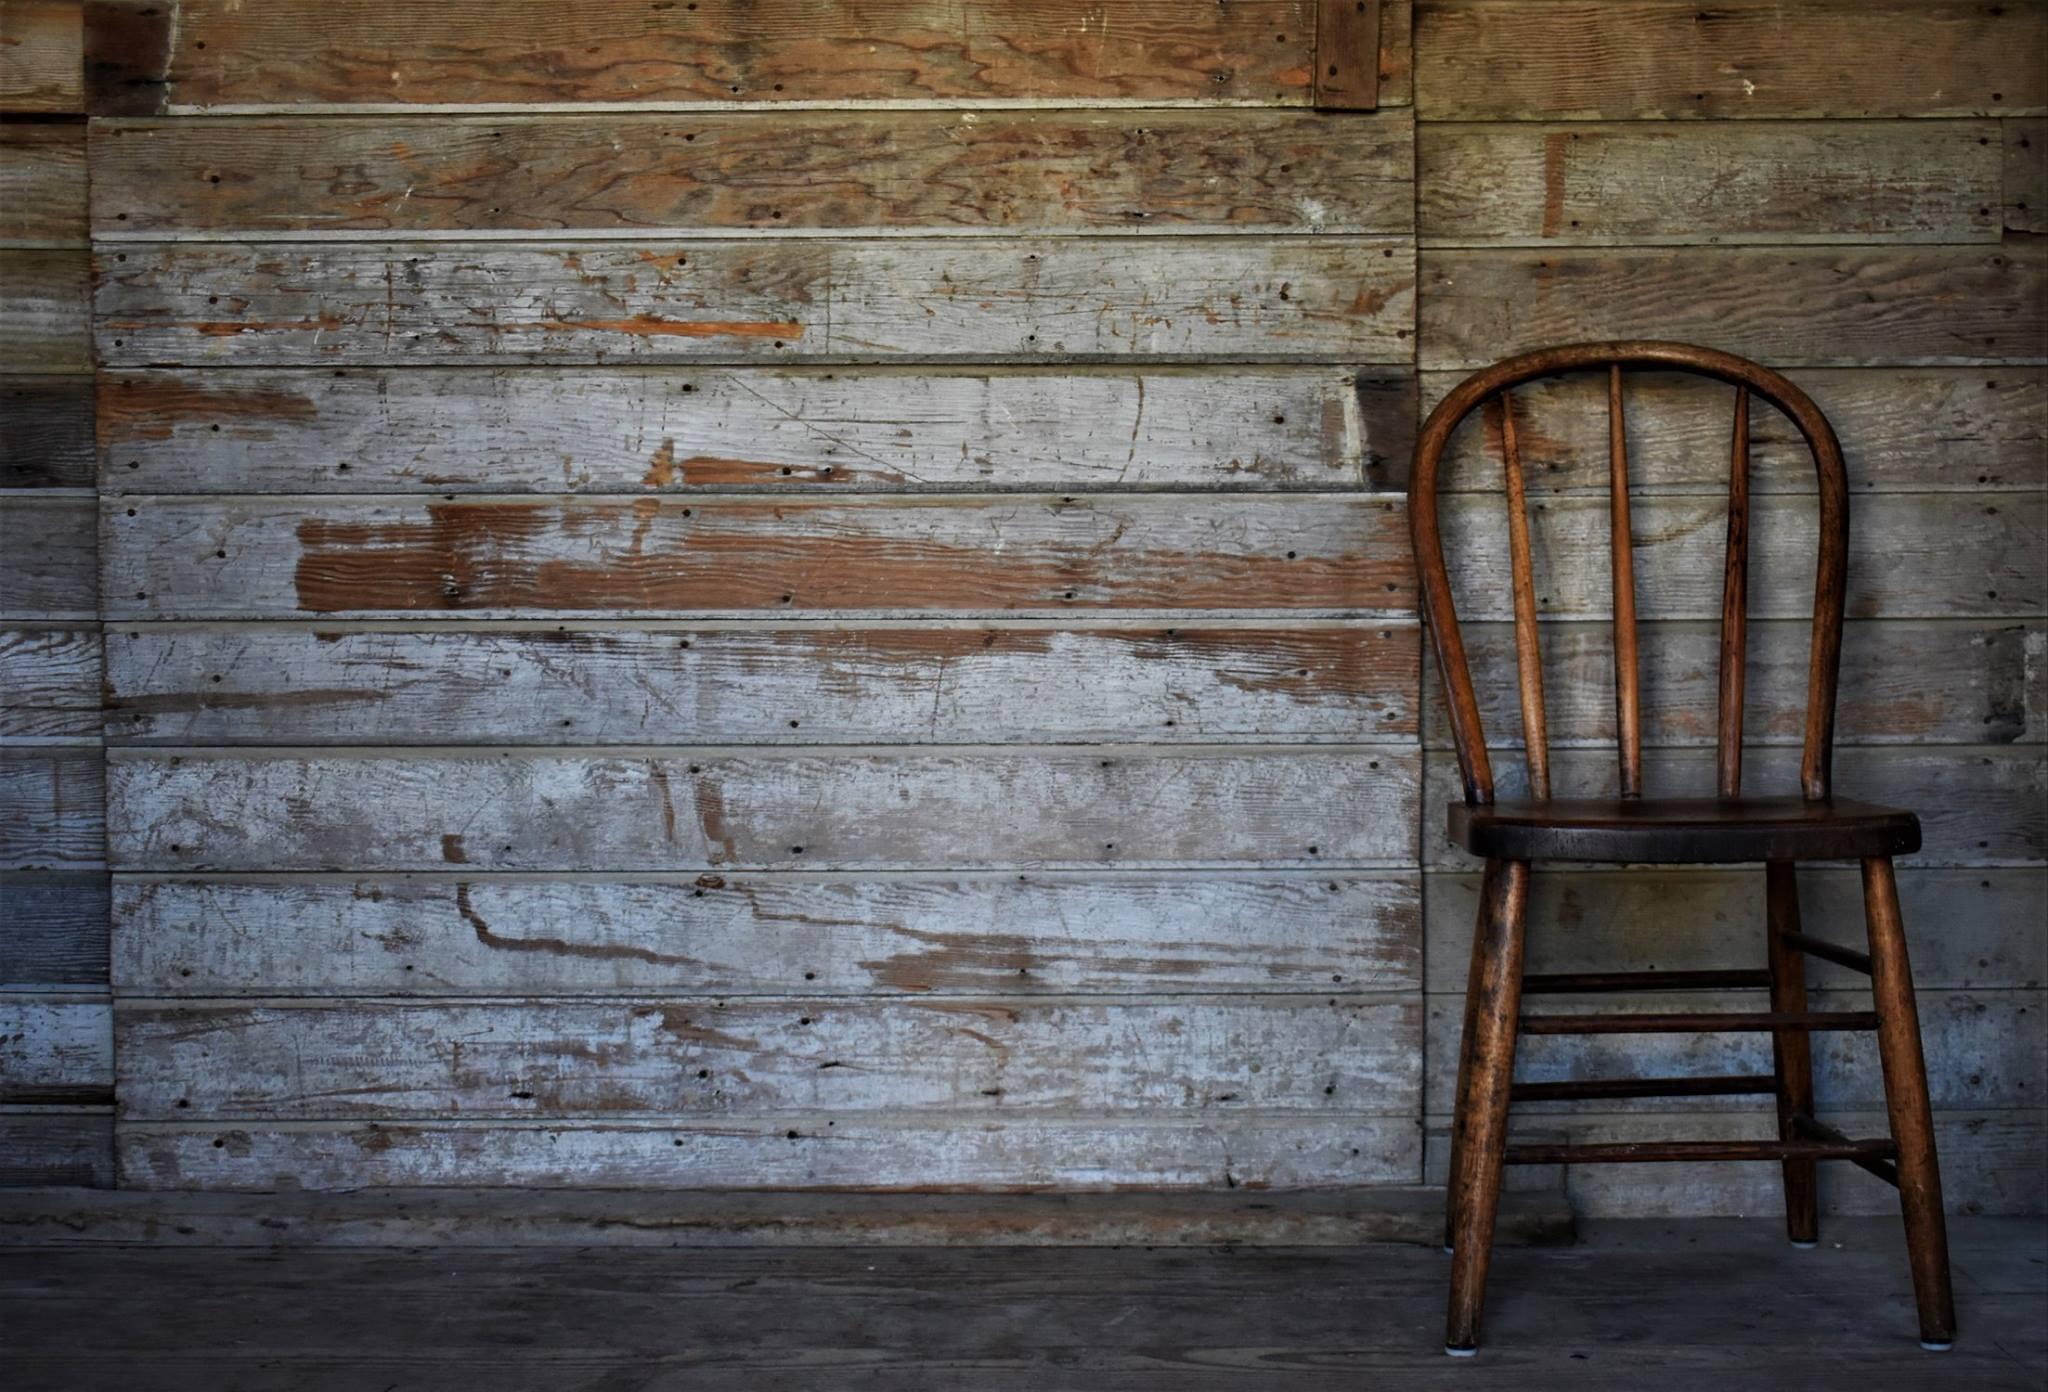 groom's room rustic wall